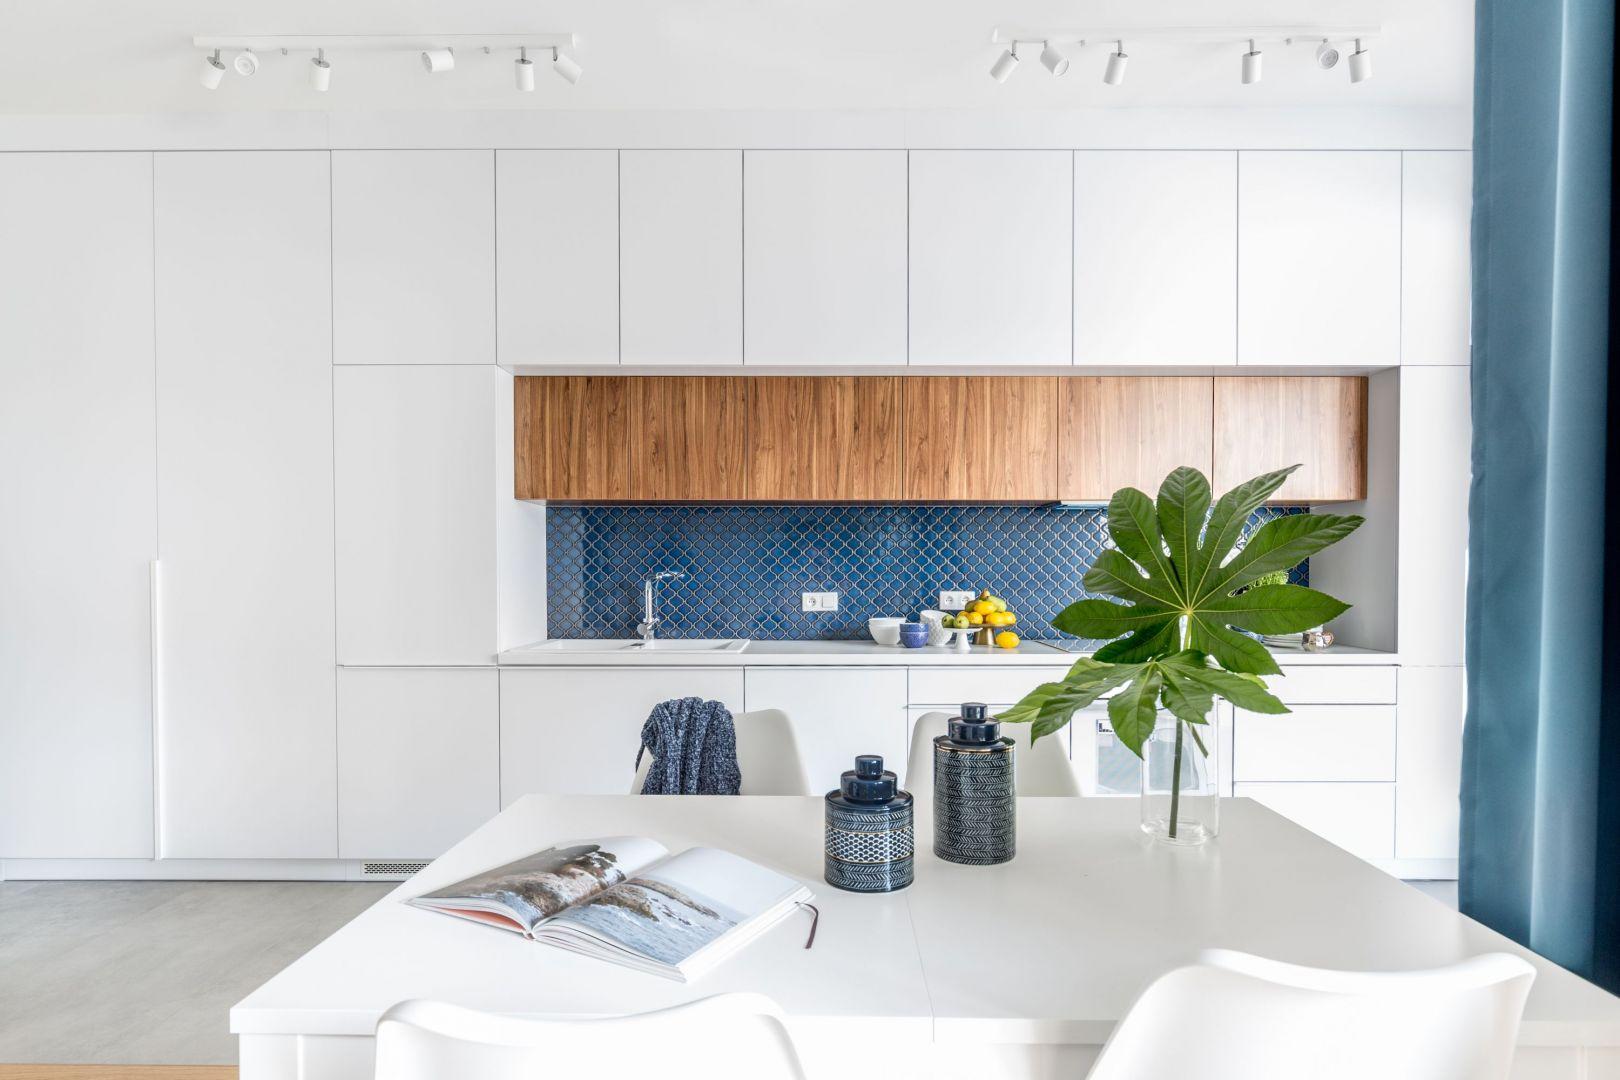 W kuchni w bloku, zwłaszcza w aneksie kuchennym warto postawić na jasne lub białe meble kuchenne, które powiększą optycznie pomieszczenie. Kolorowe płytki nad blatem ożywią aranżację. Projekt: Monika Pniewska. Fot. Pion Poziom